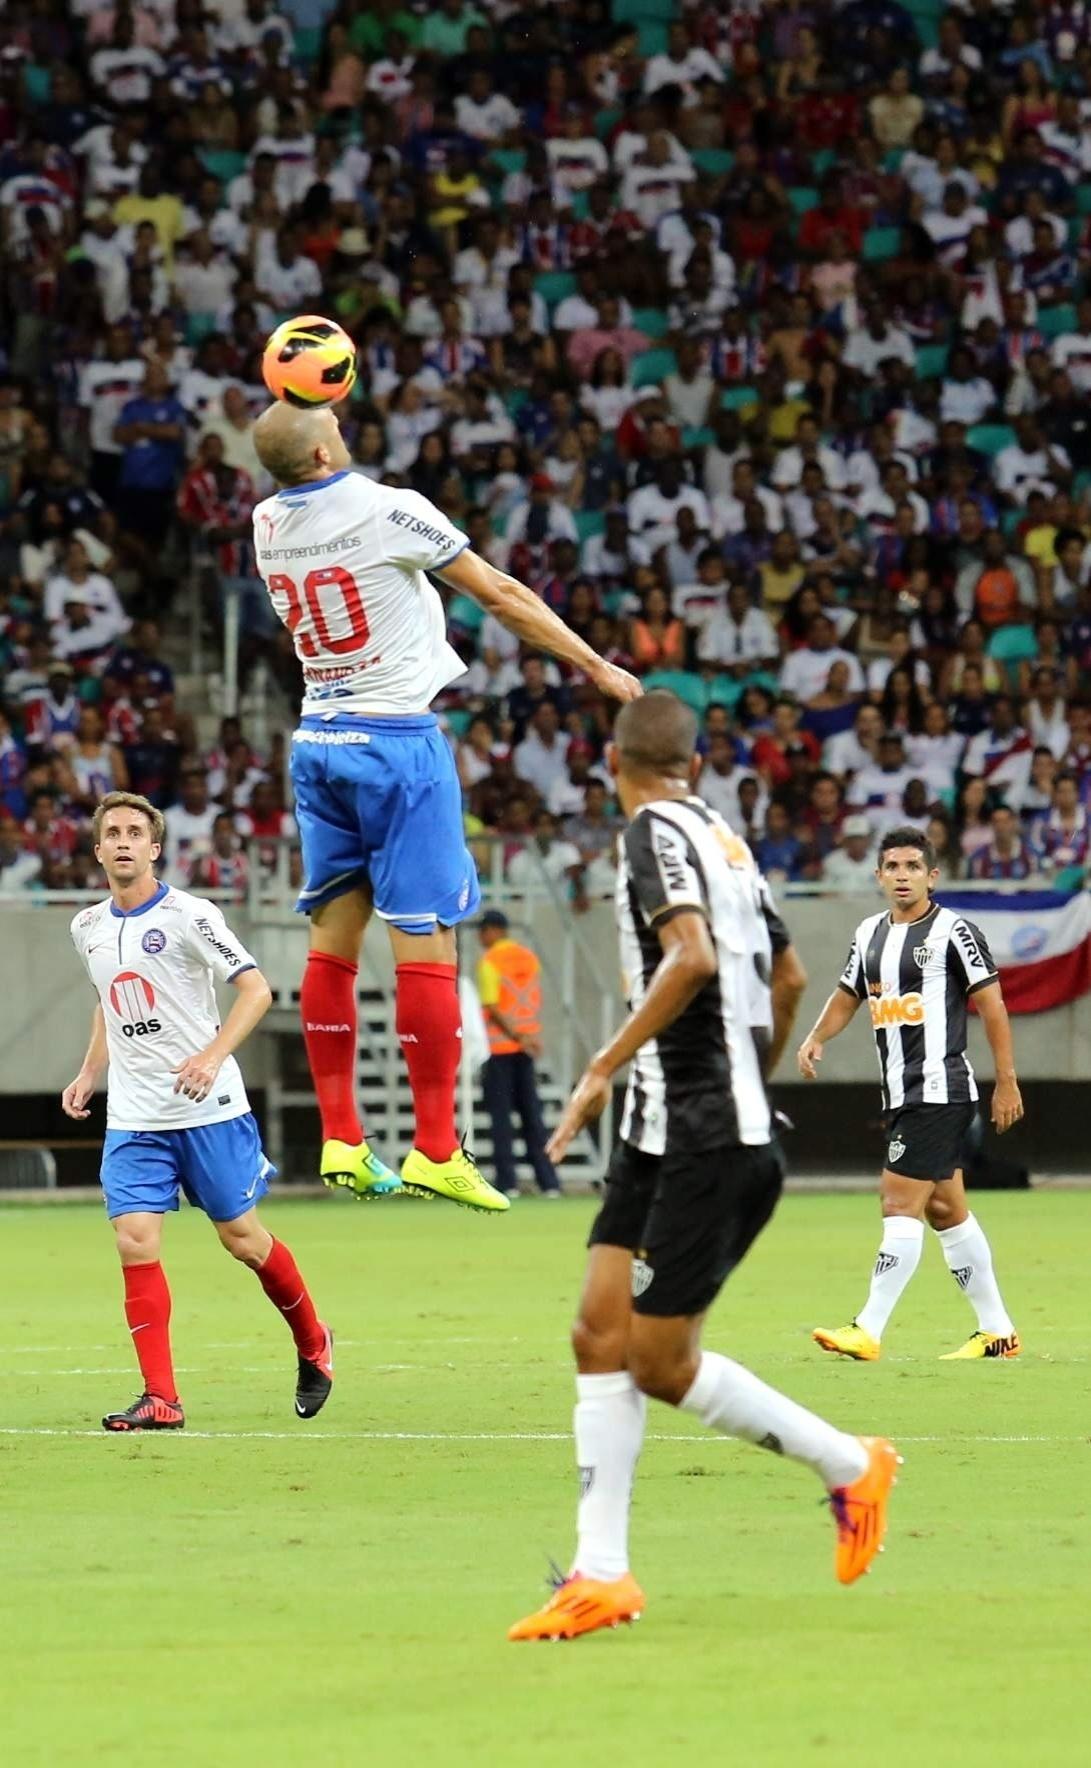 09.nov.2013 - Fernandão, jogador do Bahia, se estica para tentar cabeçar a bola